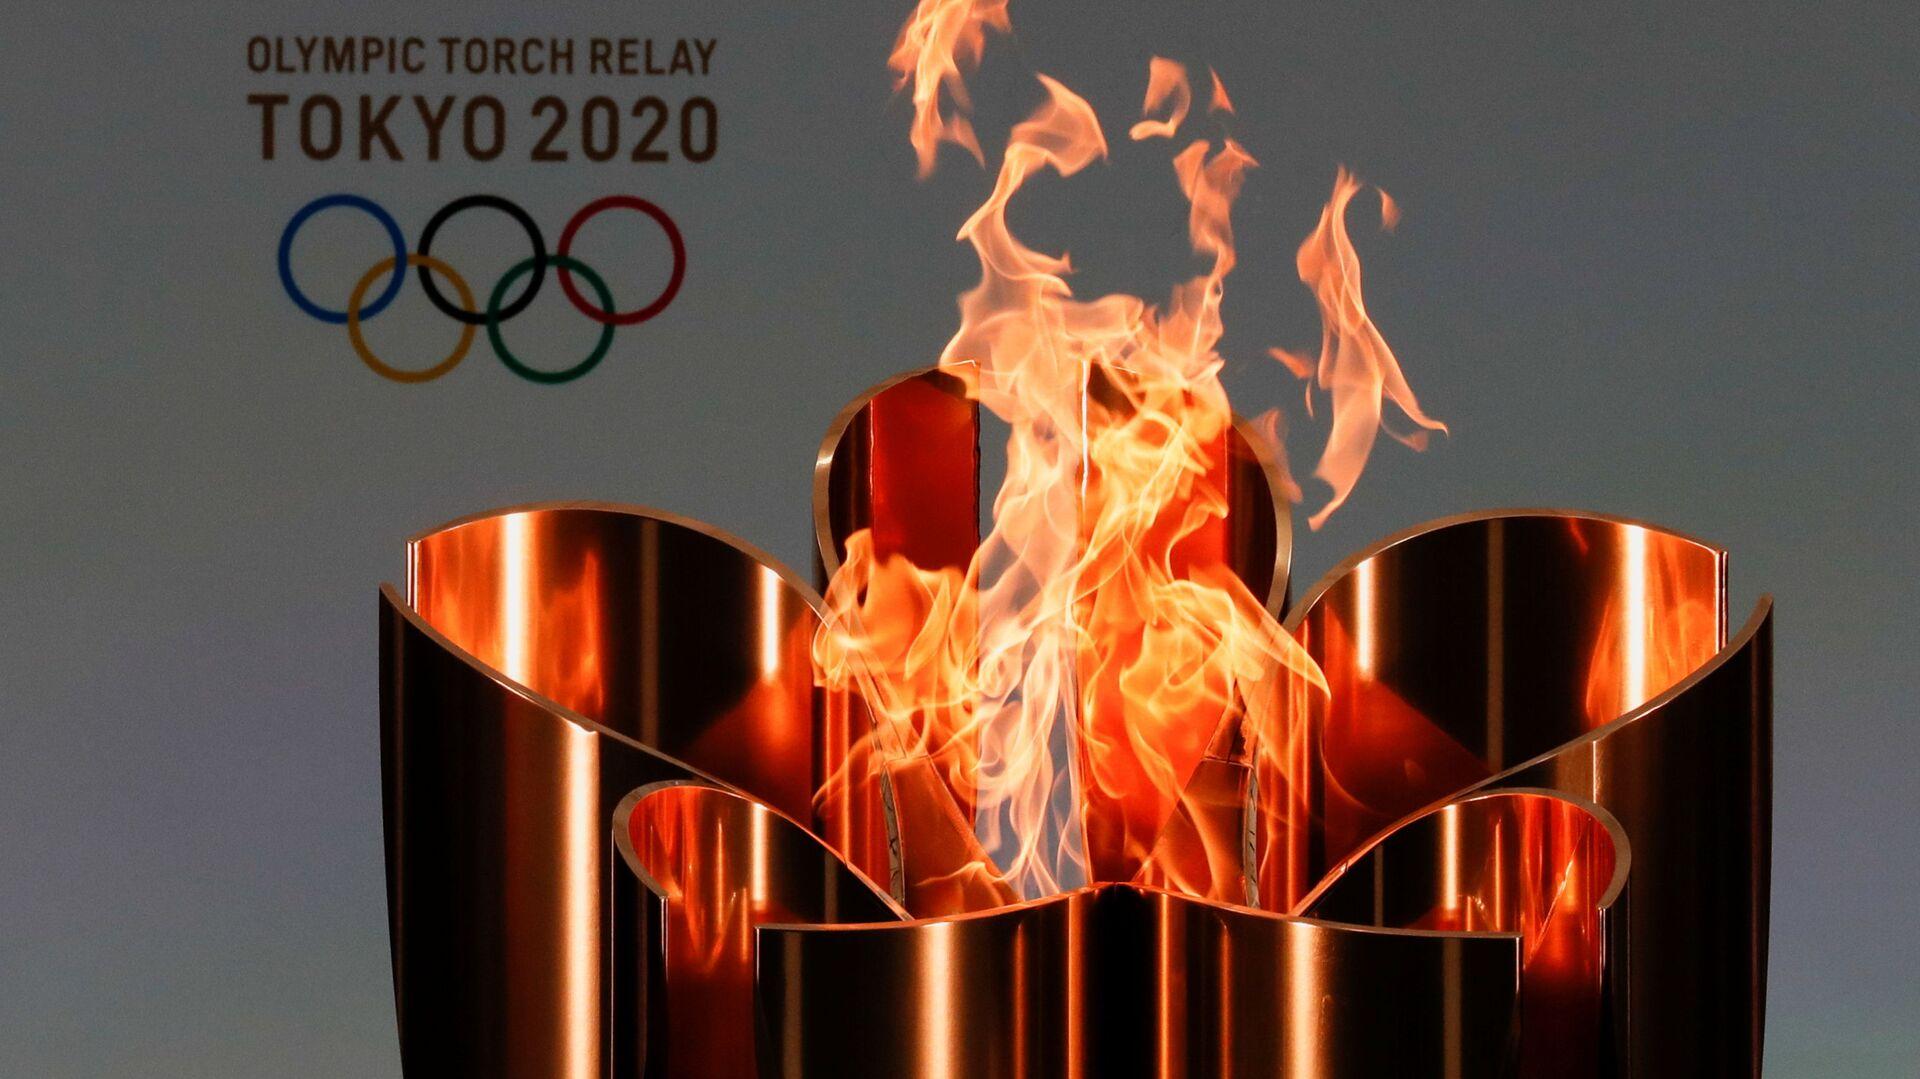 Олимпийский огонь во время эстафеты Олимпийского огня в Токио-2020 в префектуре Фукусима, Япония - Sputnik Тоҷикистон, 1920, 23.07.2021